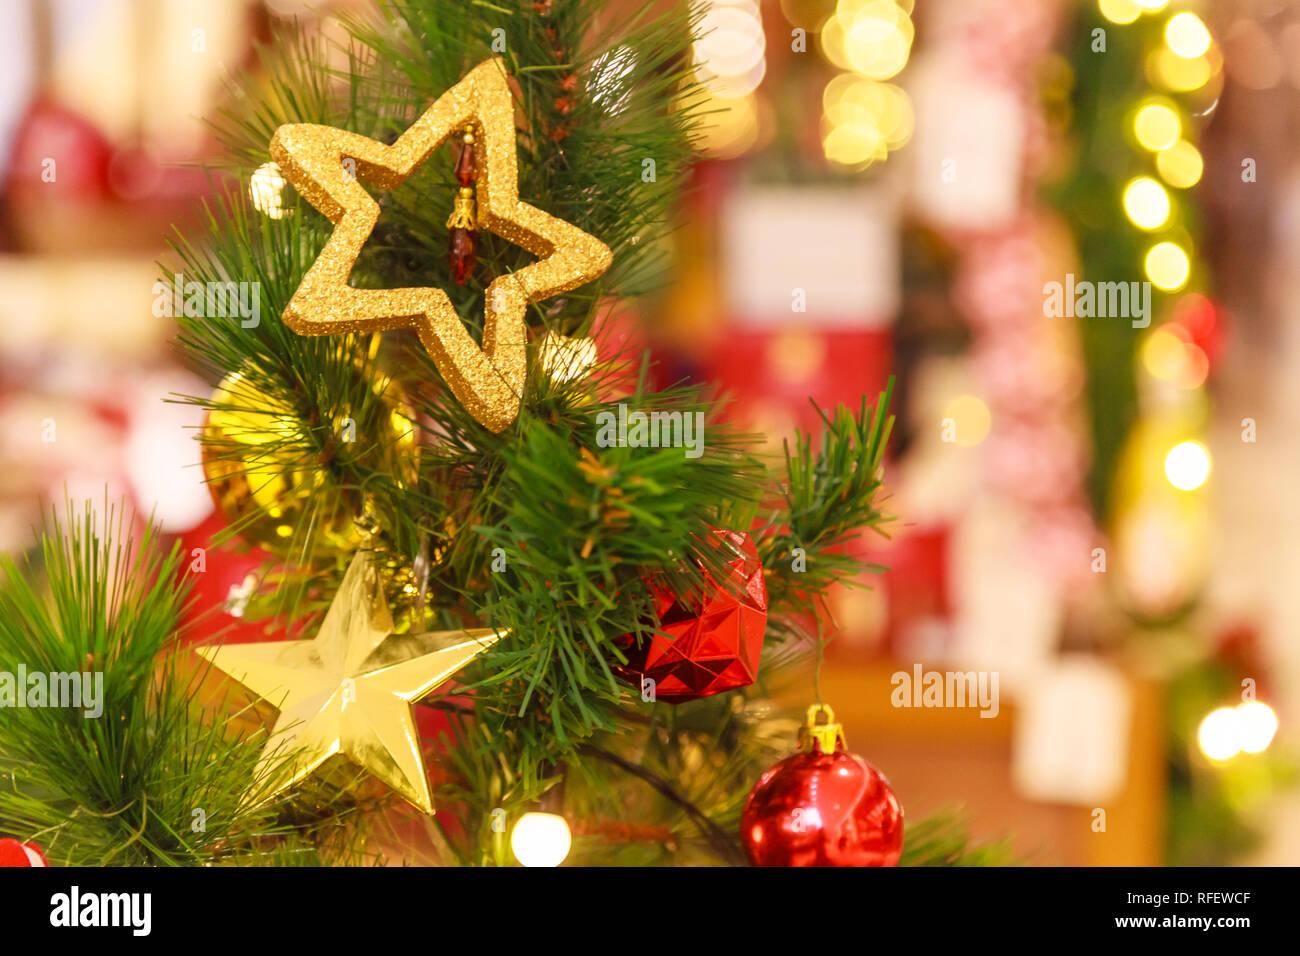 Christbaumkugeln Sterne.Hangende Gold Glitzernde Sterne Und Geschenkbox